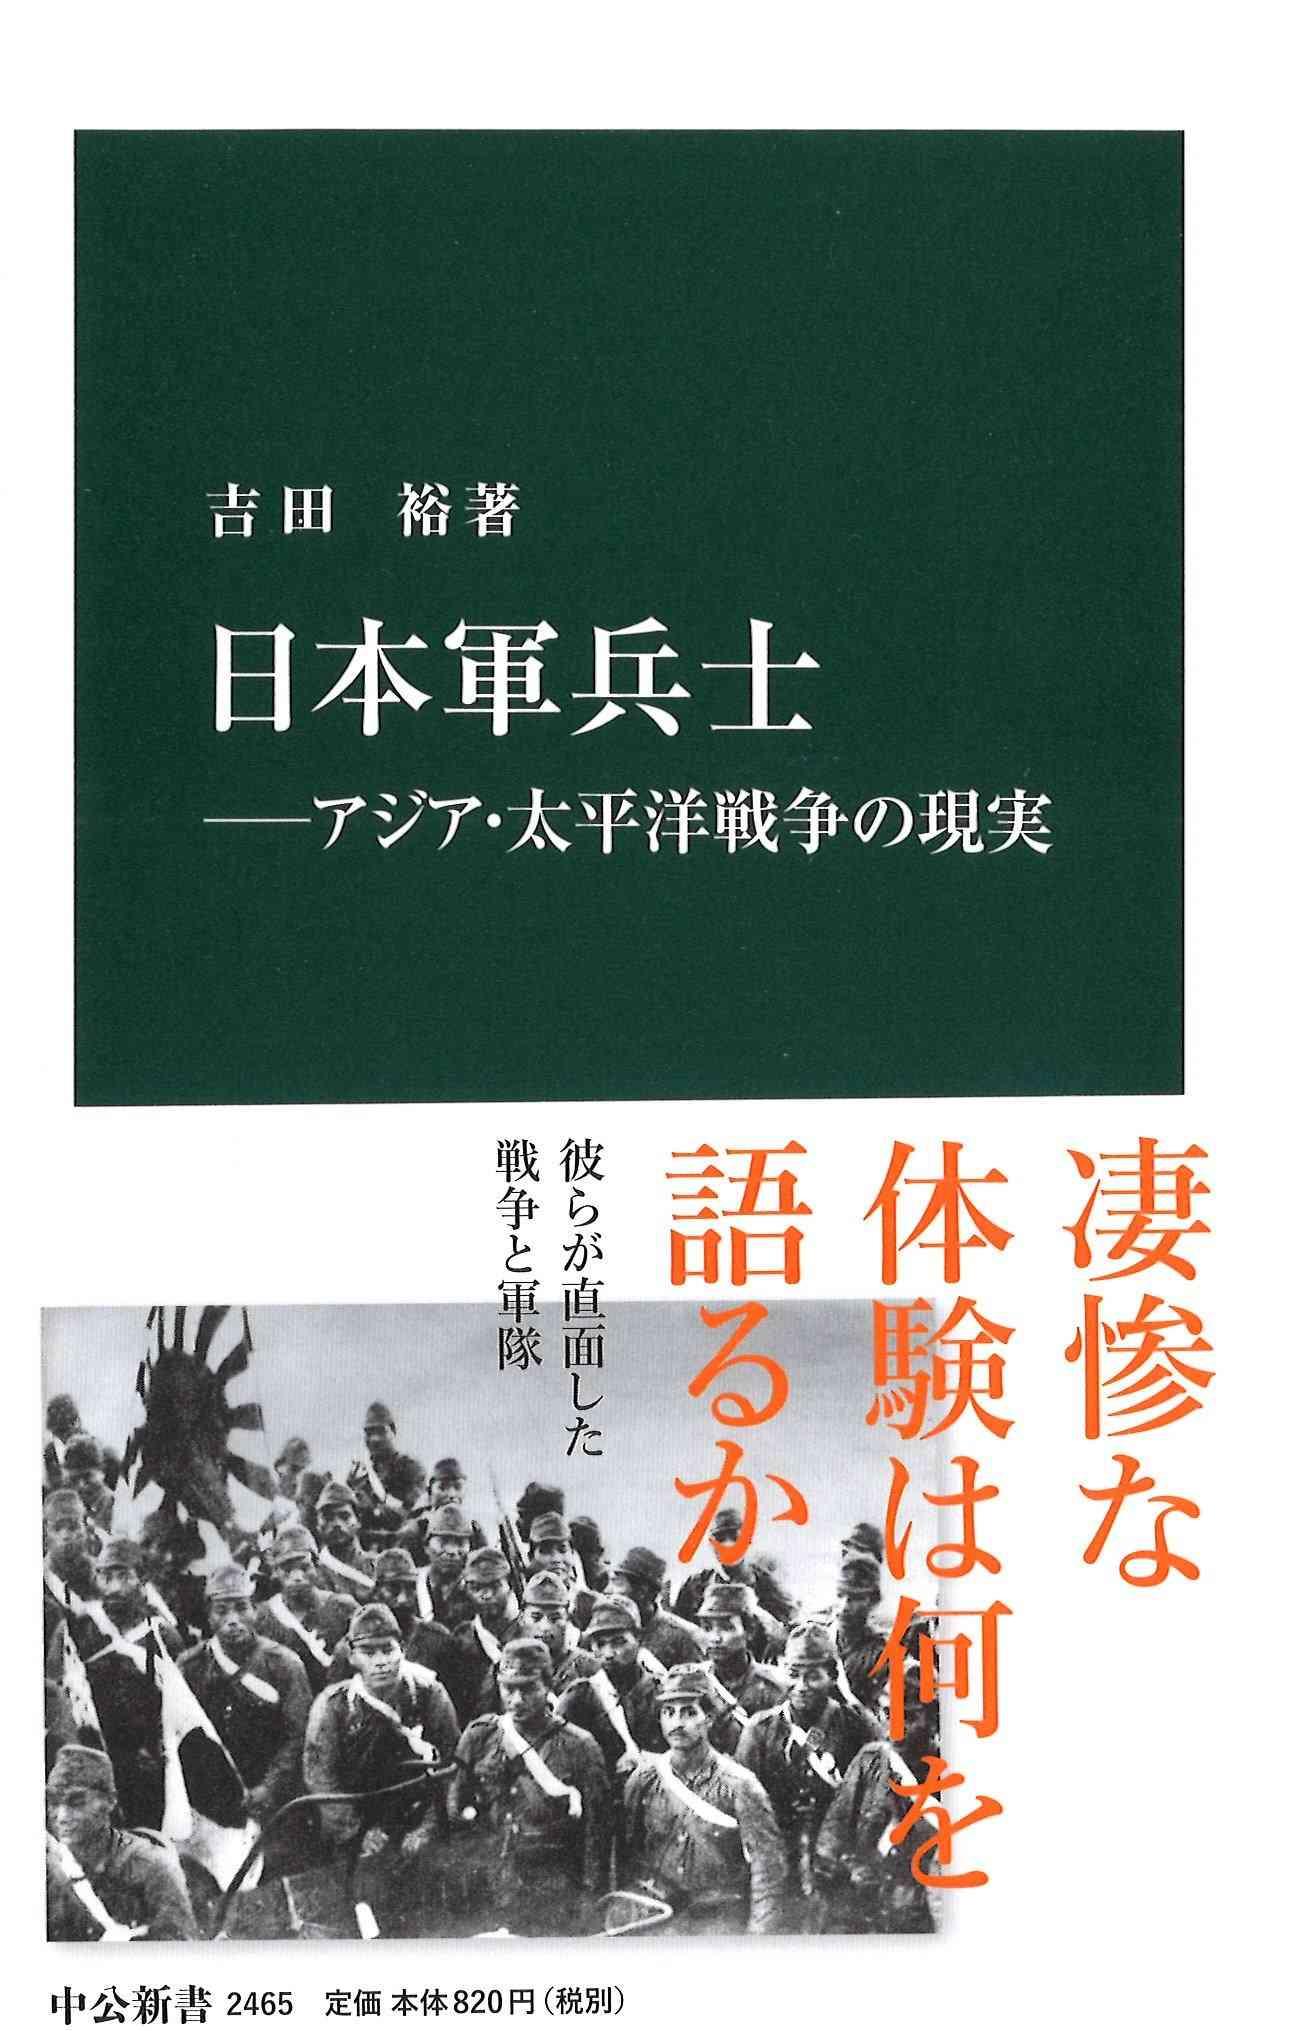 日本軍兵士